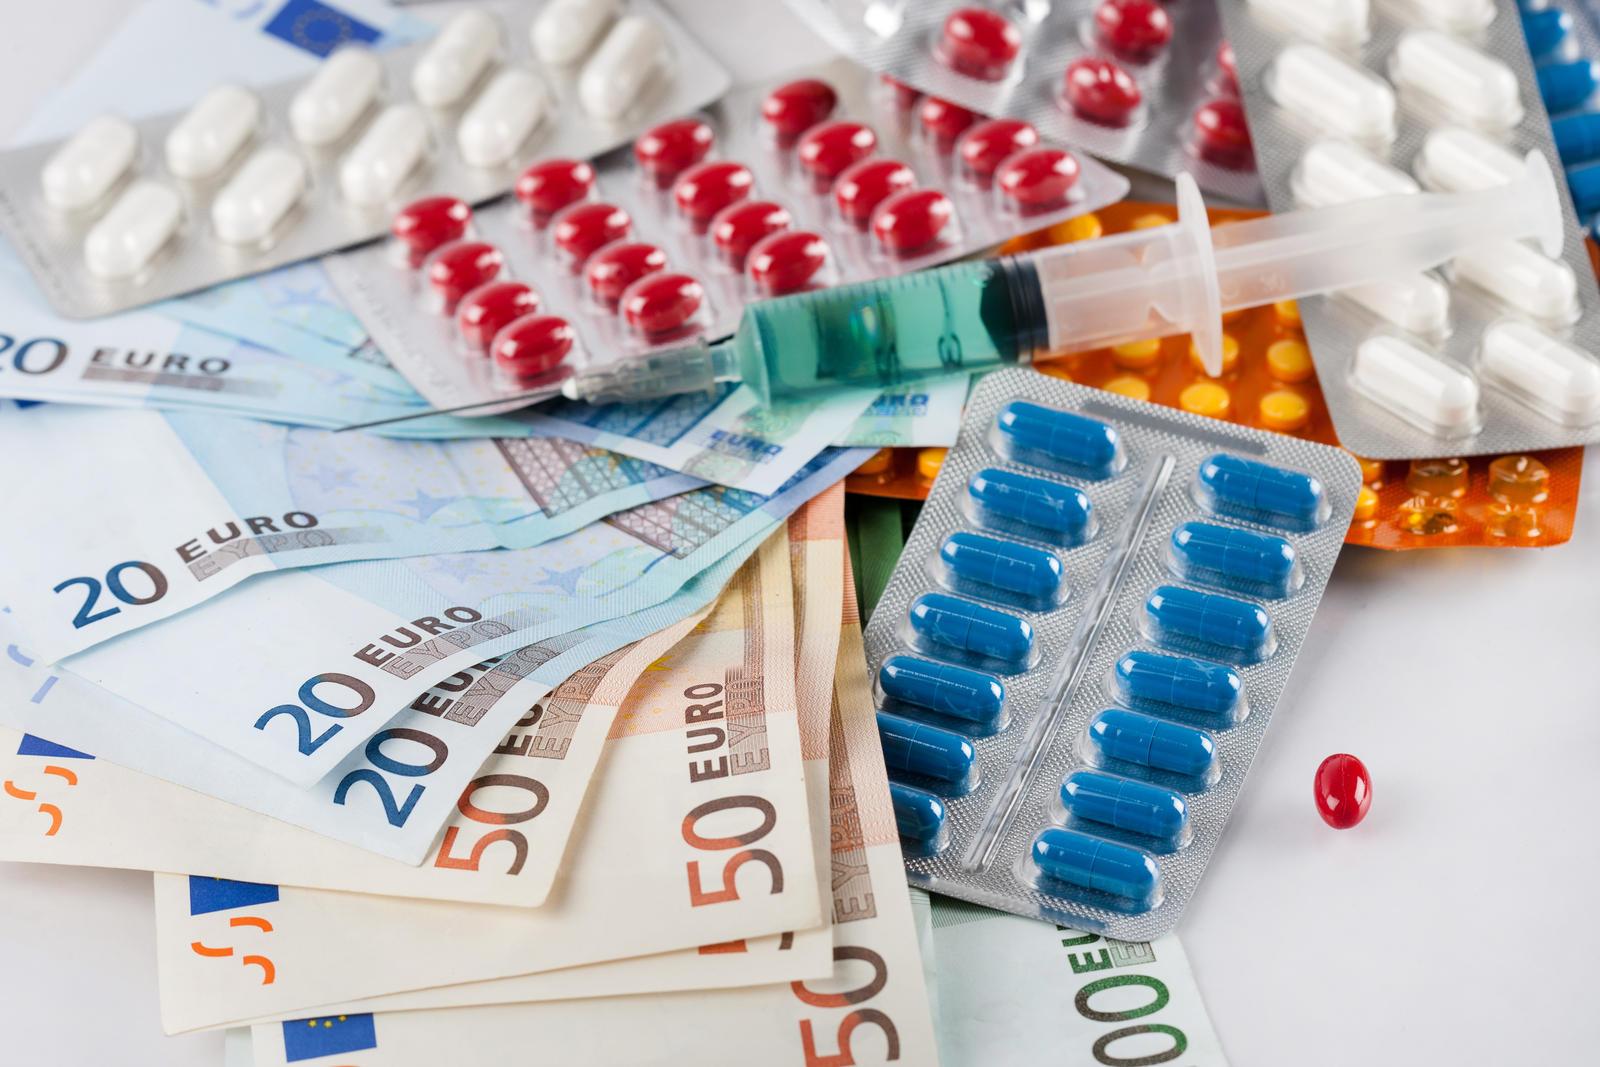 Kaip tinkamai vartoti vaistus nuo padidėjusio kraujospūdžio?10 naudingų patarimų. | ingridasimonyte.lt